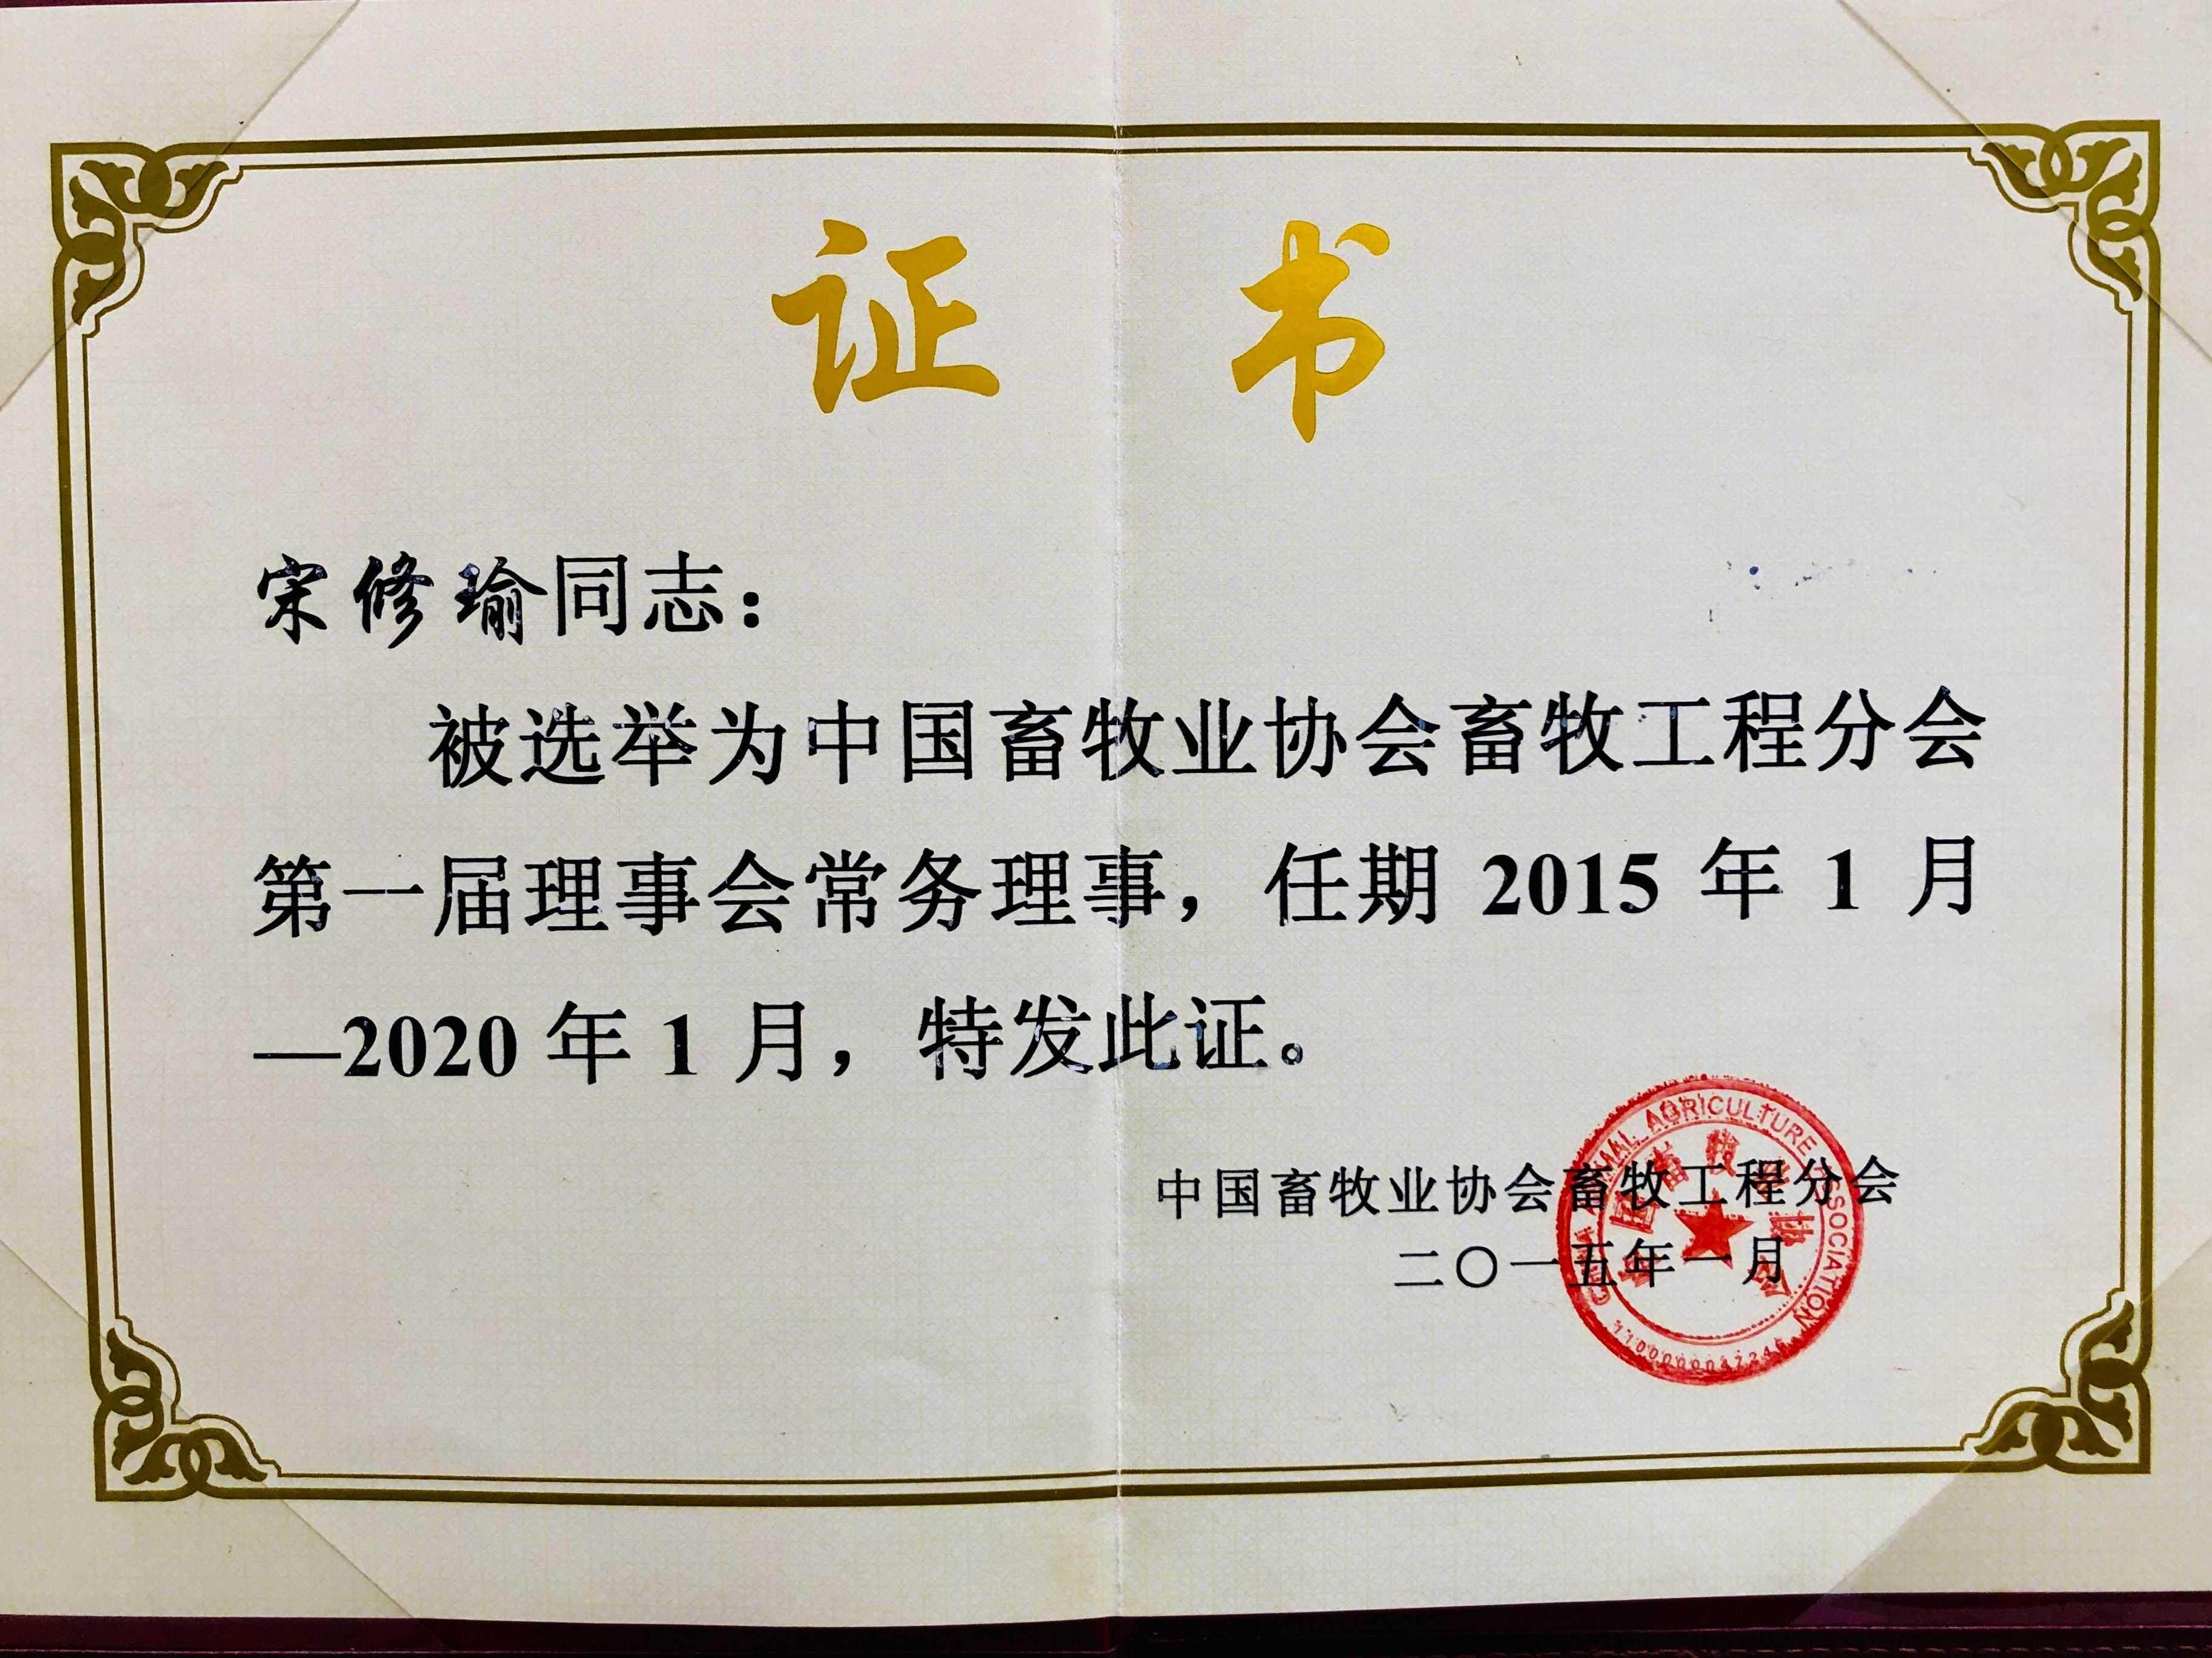 選舉為中國畜牧業協會畜牧工程分會第一屆理事會常務理事